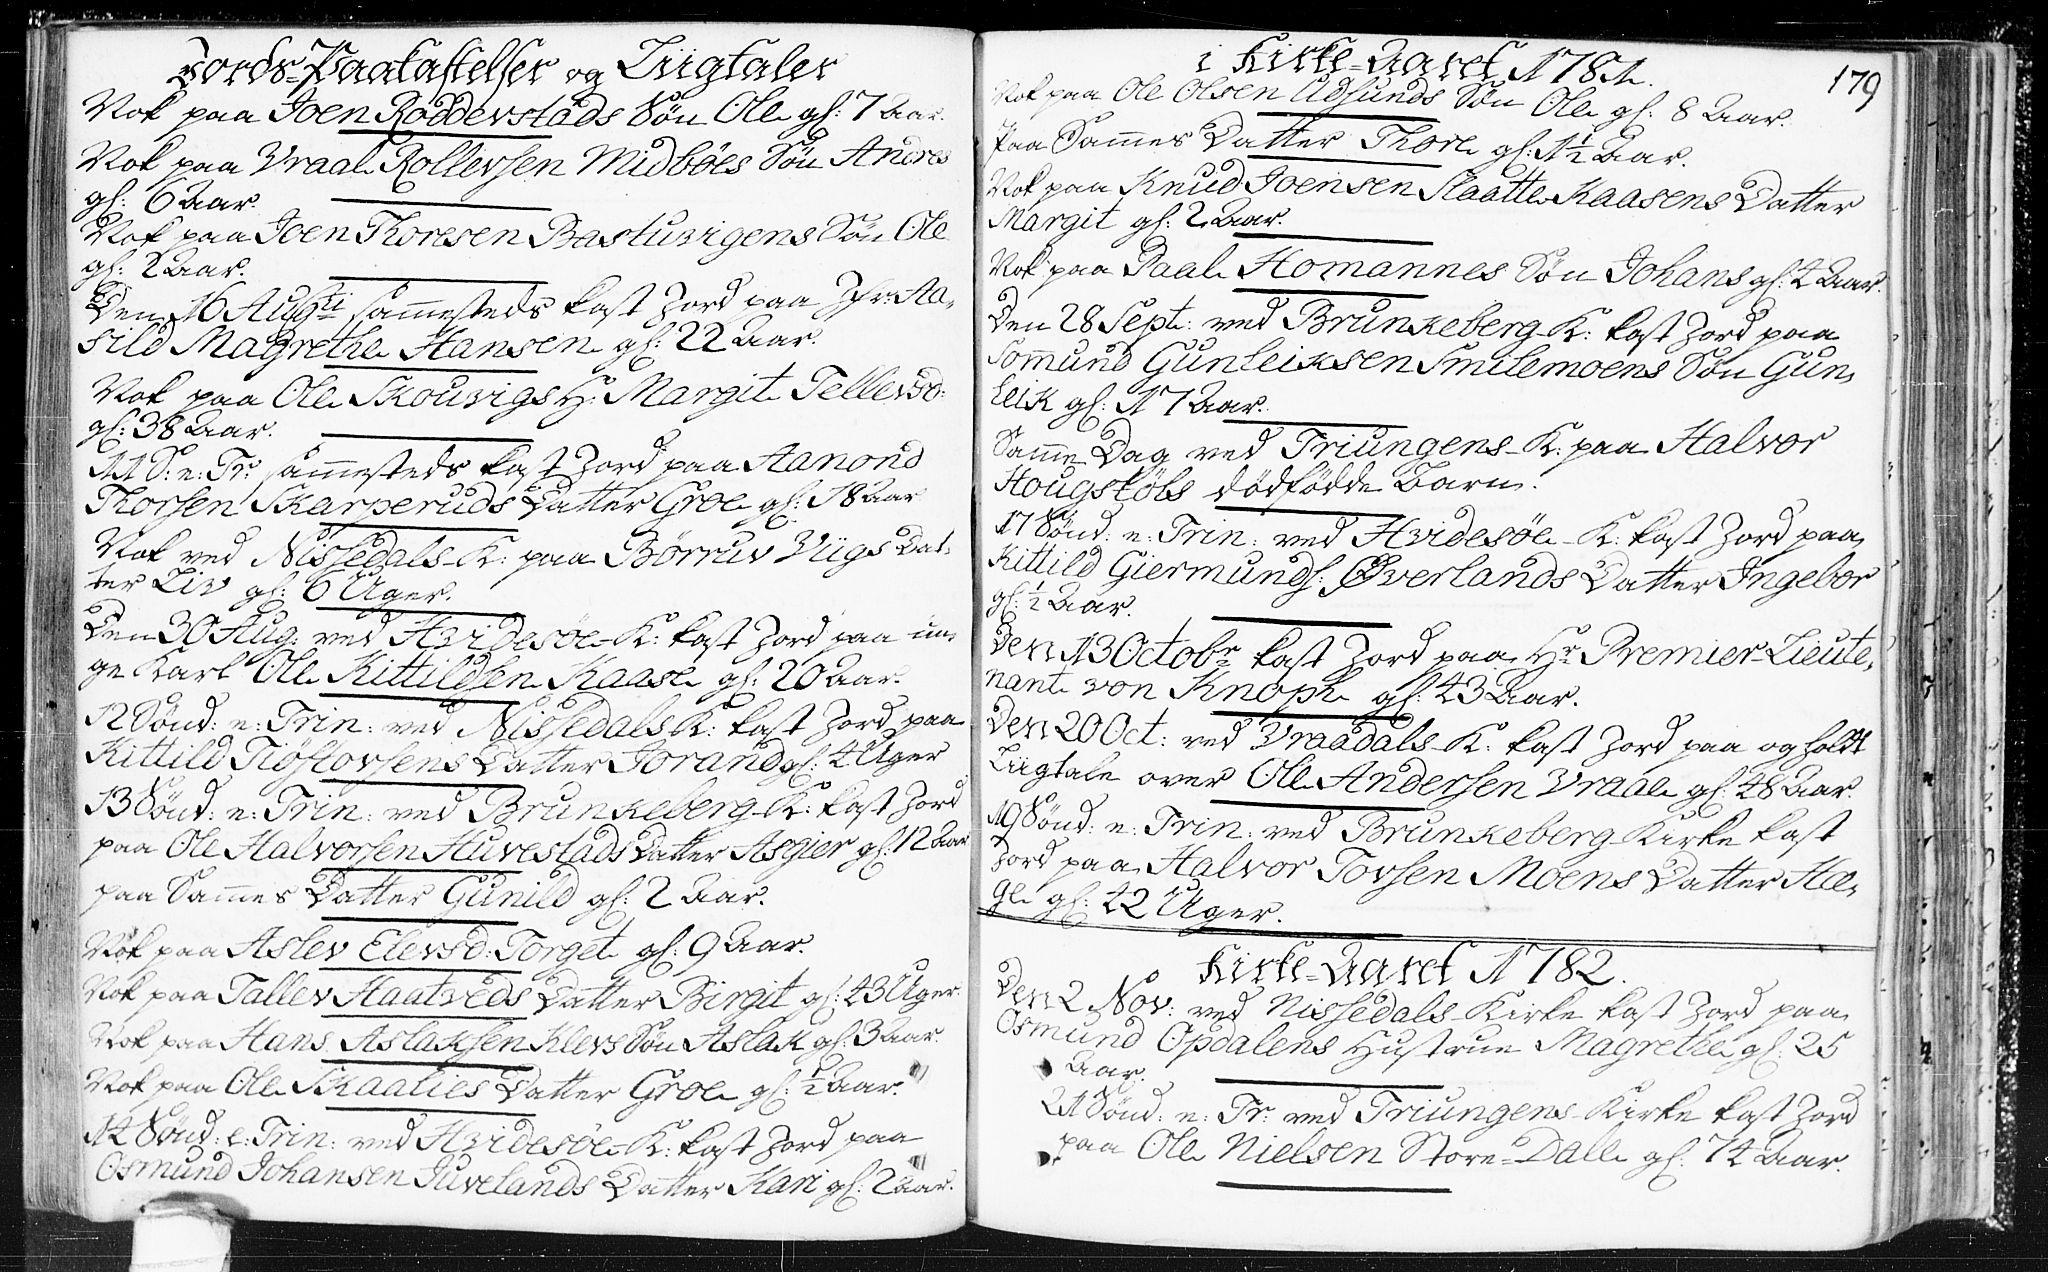 SAKO, Kviteseid kirkebøker, F/Fa/L0002: Ministerialbok nr. I 2, 1773-1786, s. 179